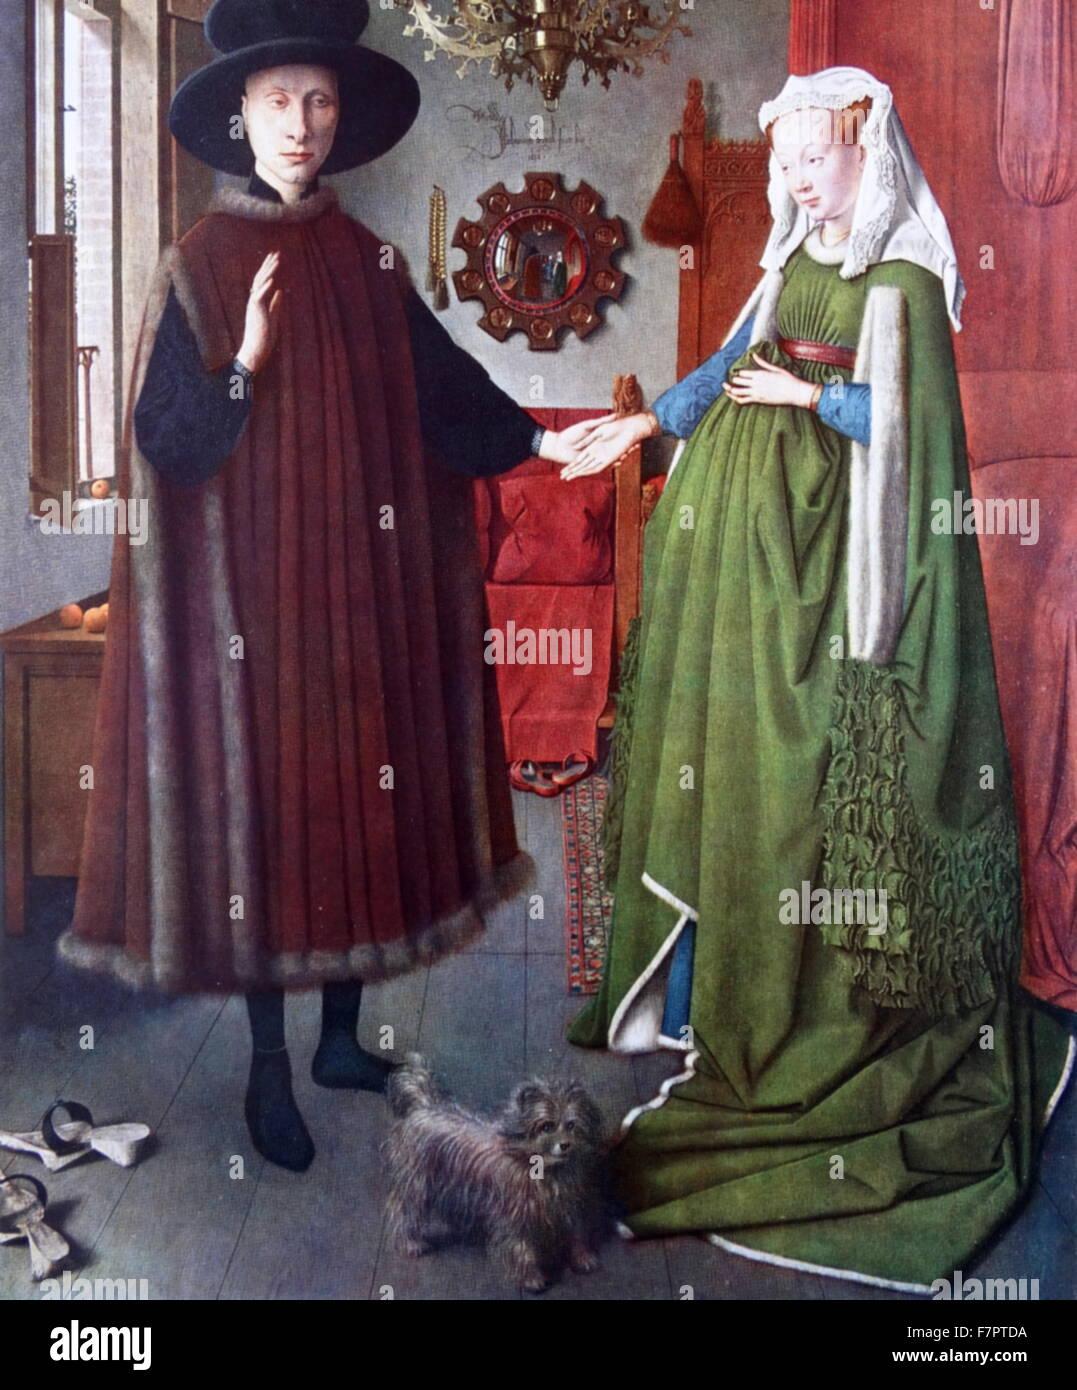 Il Ritratto di Arnolfini;pittura a olio su pannello in legno di quercia datato 1434;dall'inizio Netherlandish Immagini Stock